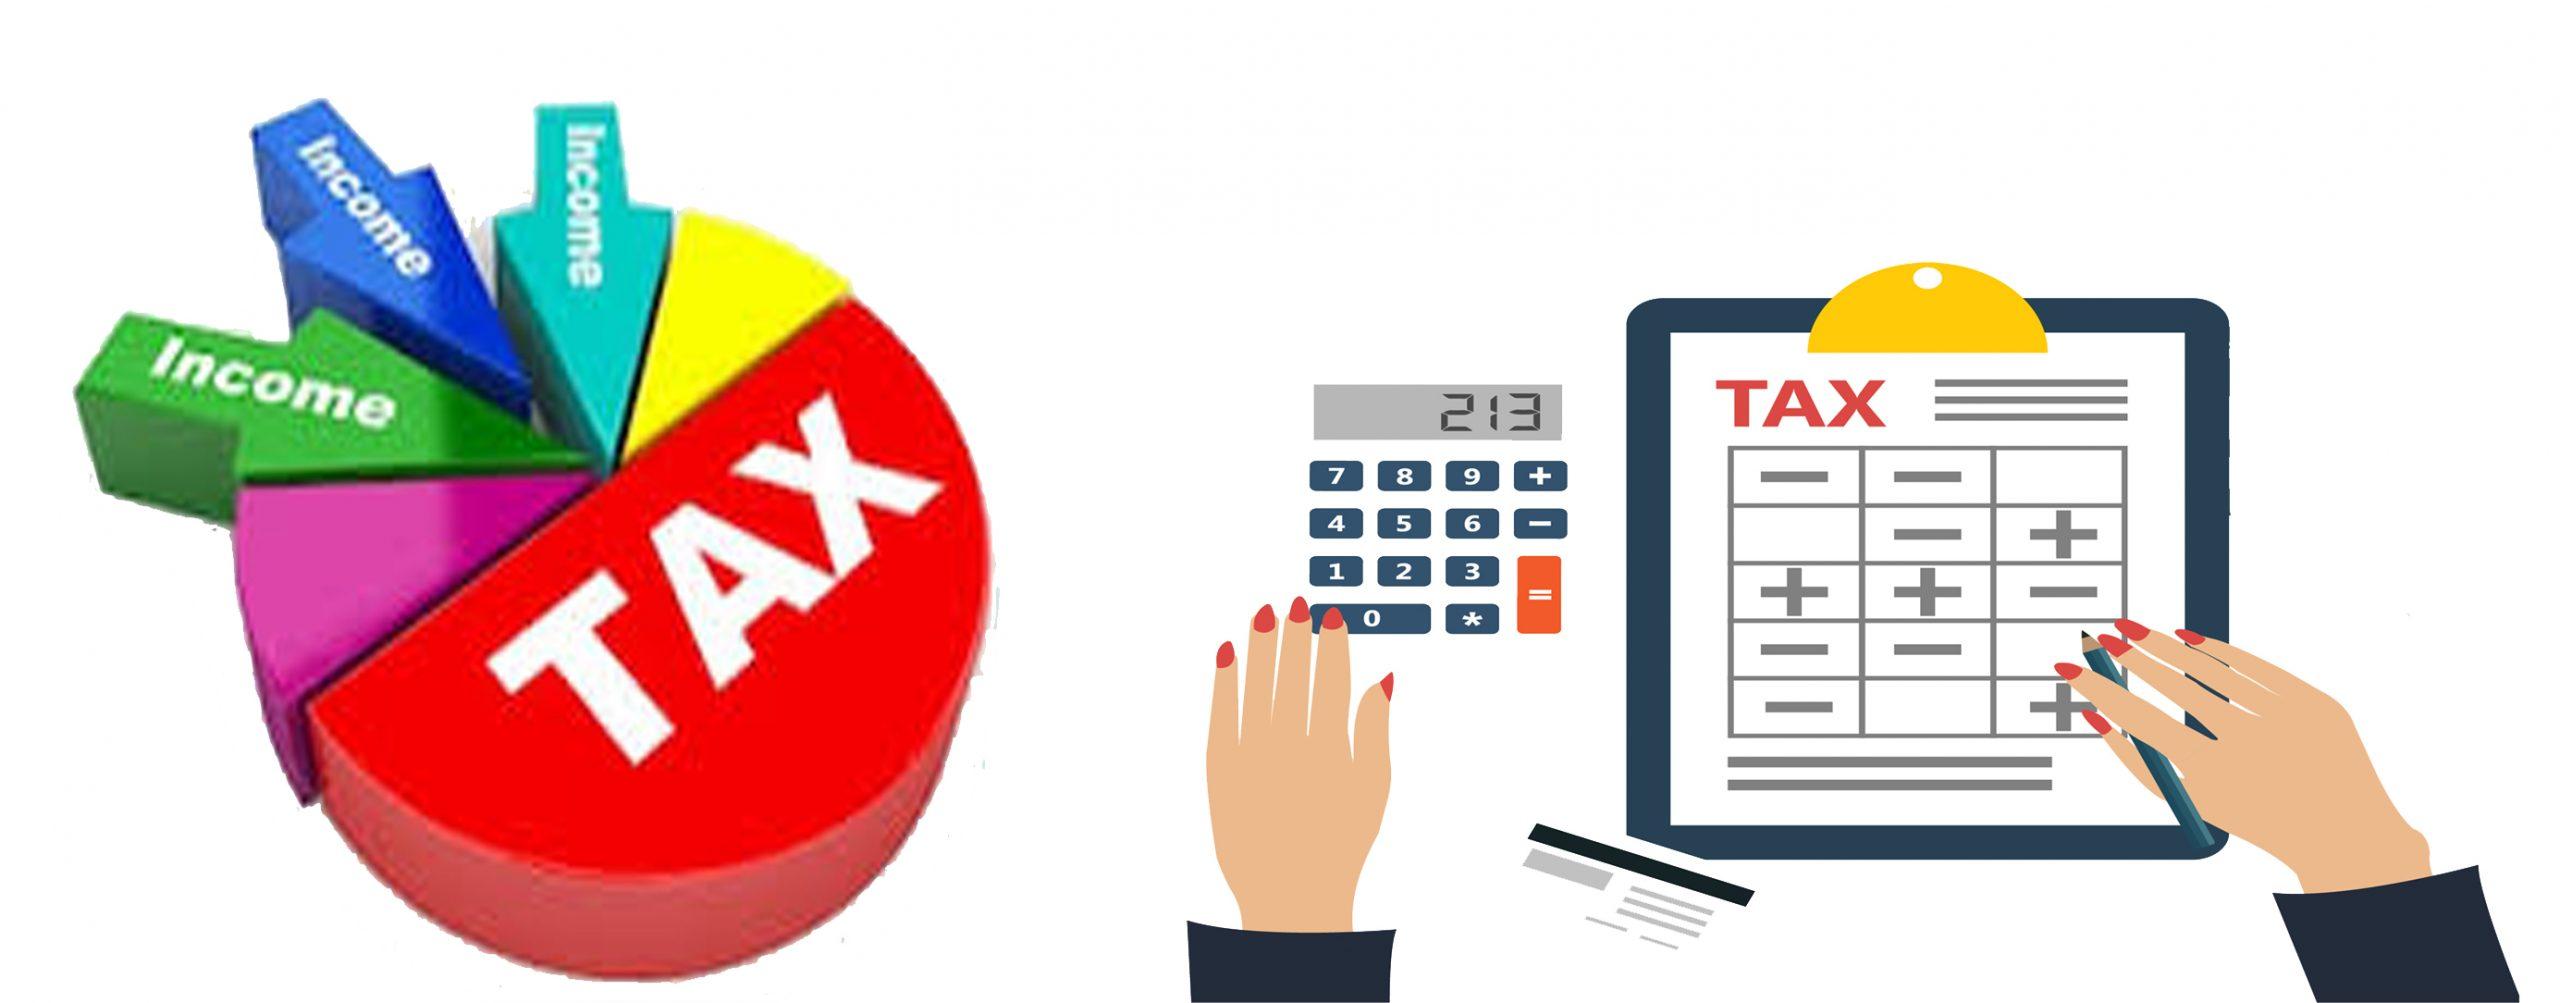 आन्तरिक राजस्व कार्यालय हेटौँडामा लक्ष्यभन्दा बढी राजस्व सङ्कलन